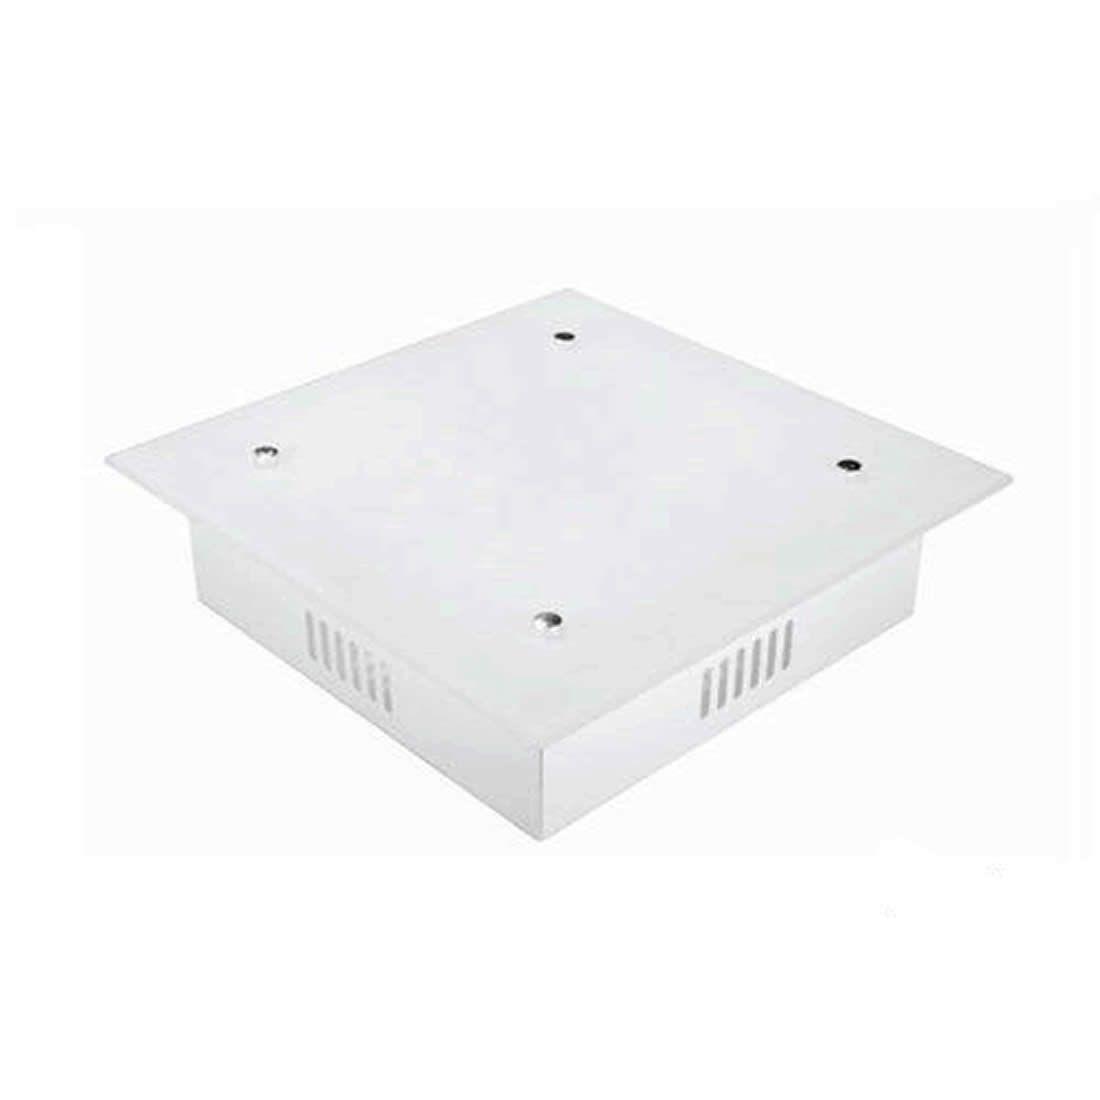 Plafon de Led Taschibra Zimbros Quadrado Branco MD4 6500K